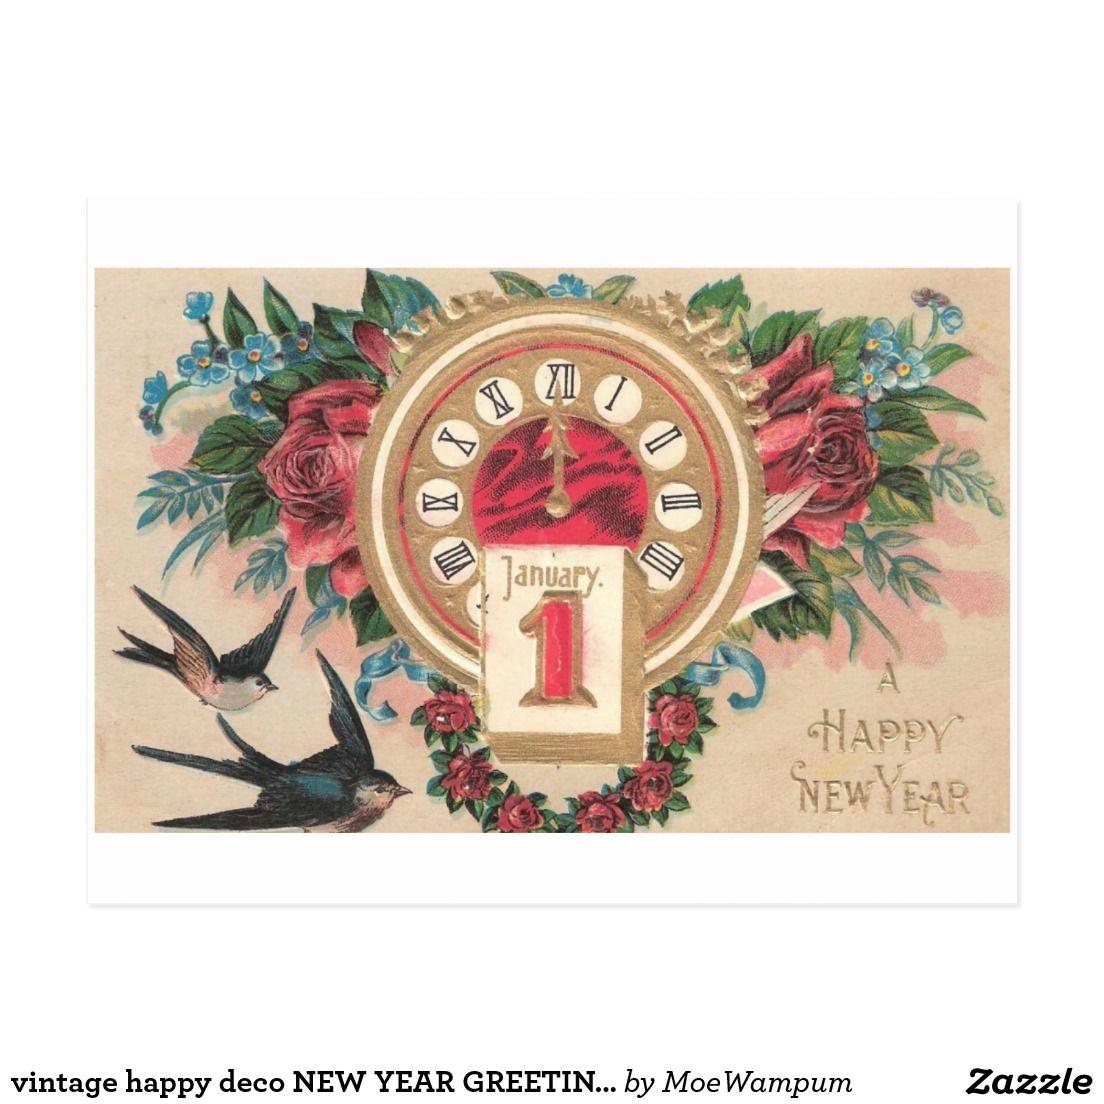 vintage happy deco NEW YEAR GREETINGS clock Vintage